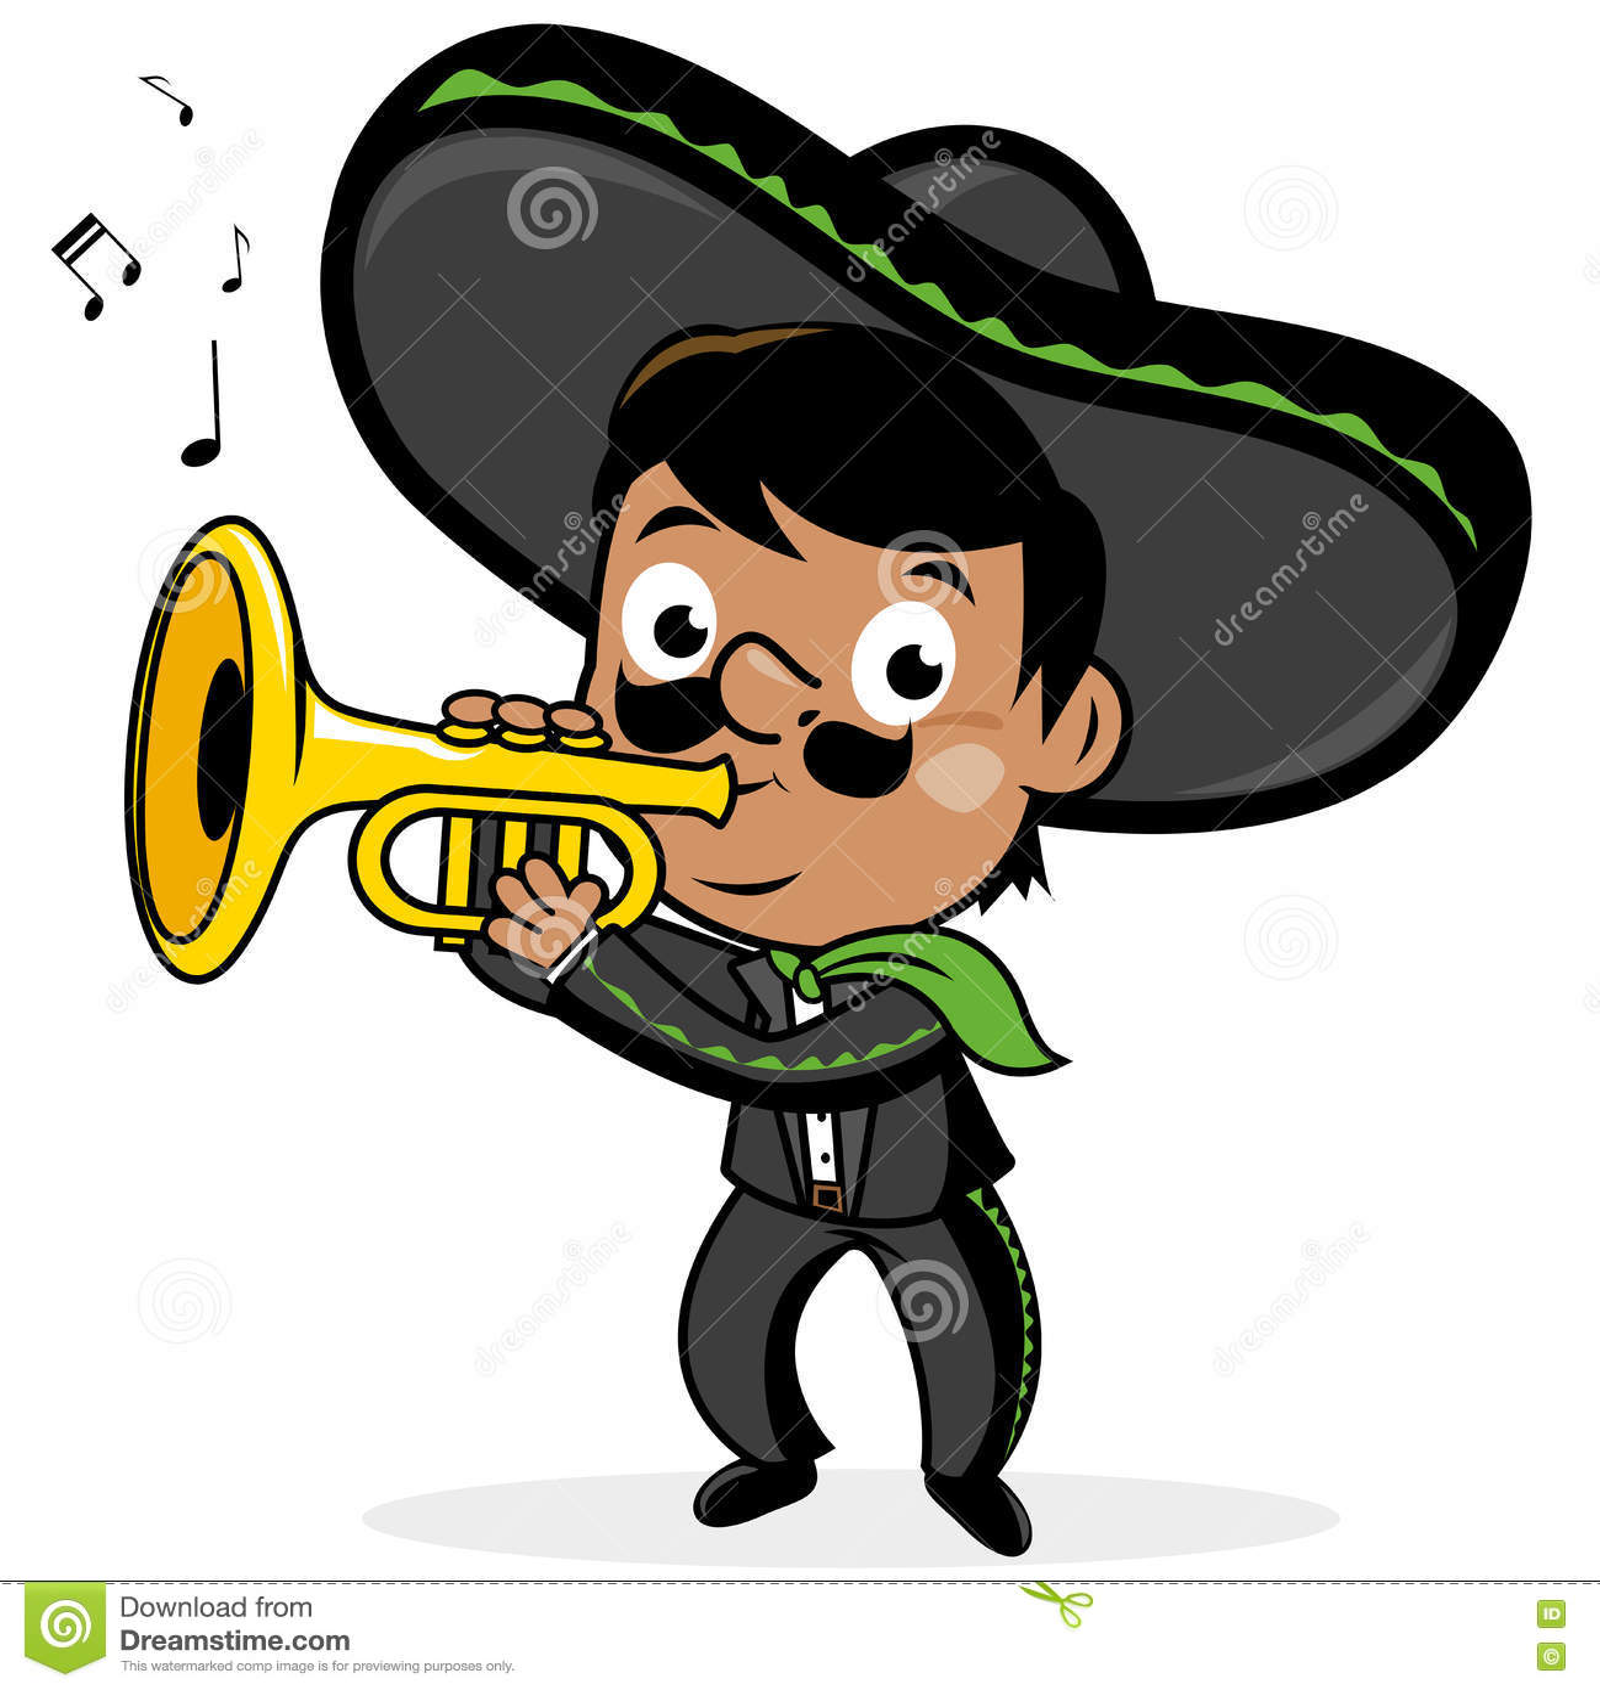 Le mariachi mexicain équipent jouer la trompette